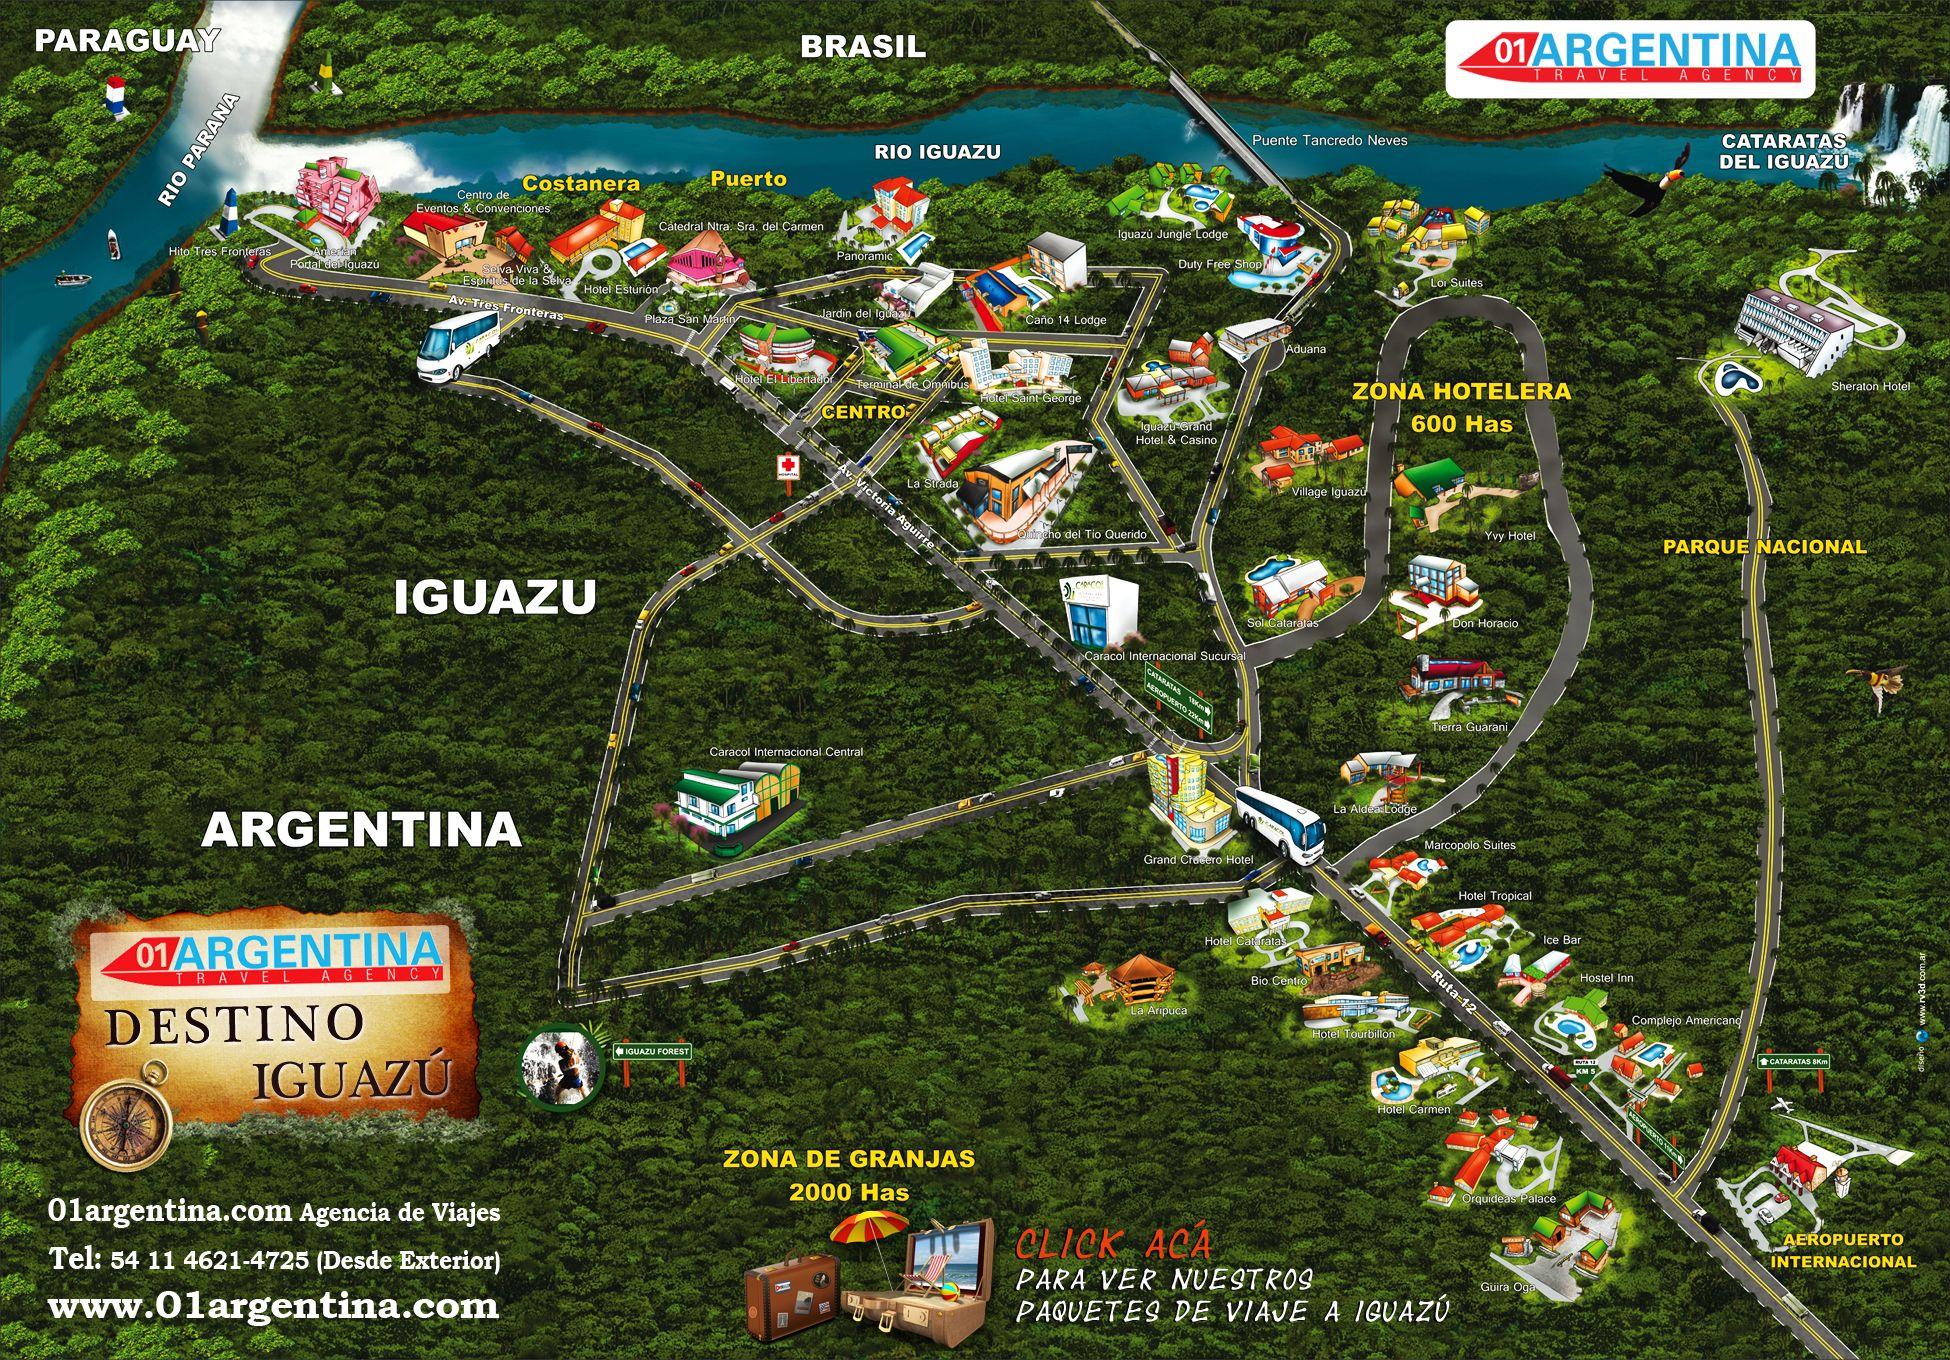 Cataratas De Iguazu Lado Argentino Mapa.Mapa De Los Mejores Hoteles En Puerto Iguazu Argentina